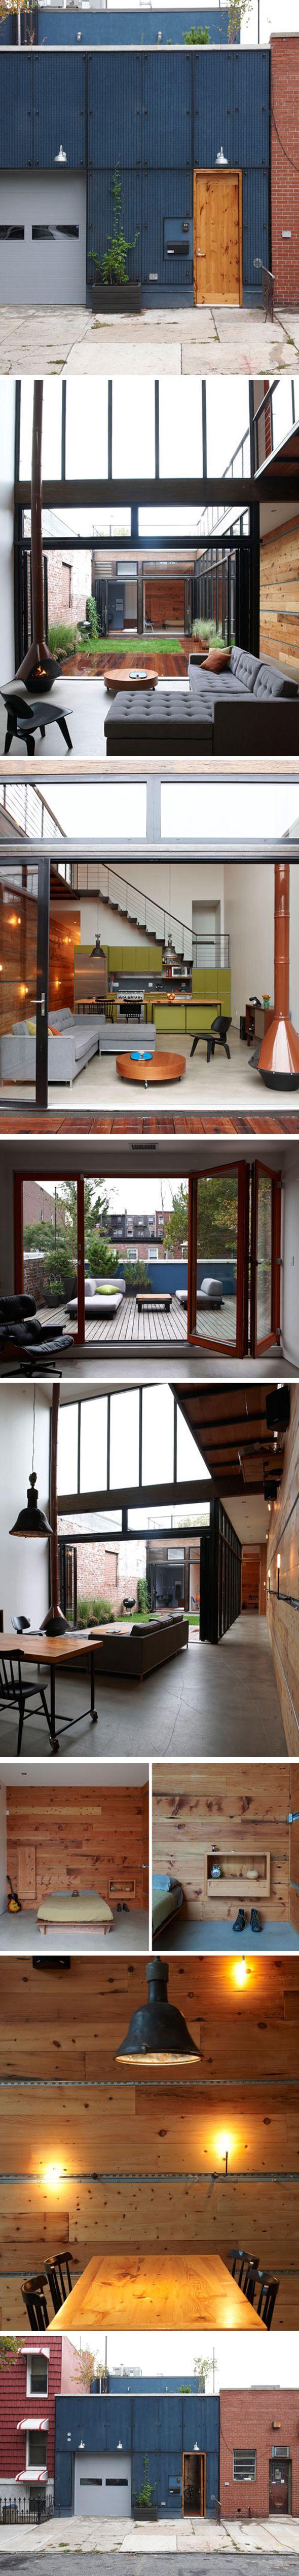 Maison-Atrium-MESH-Architectures-2